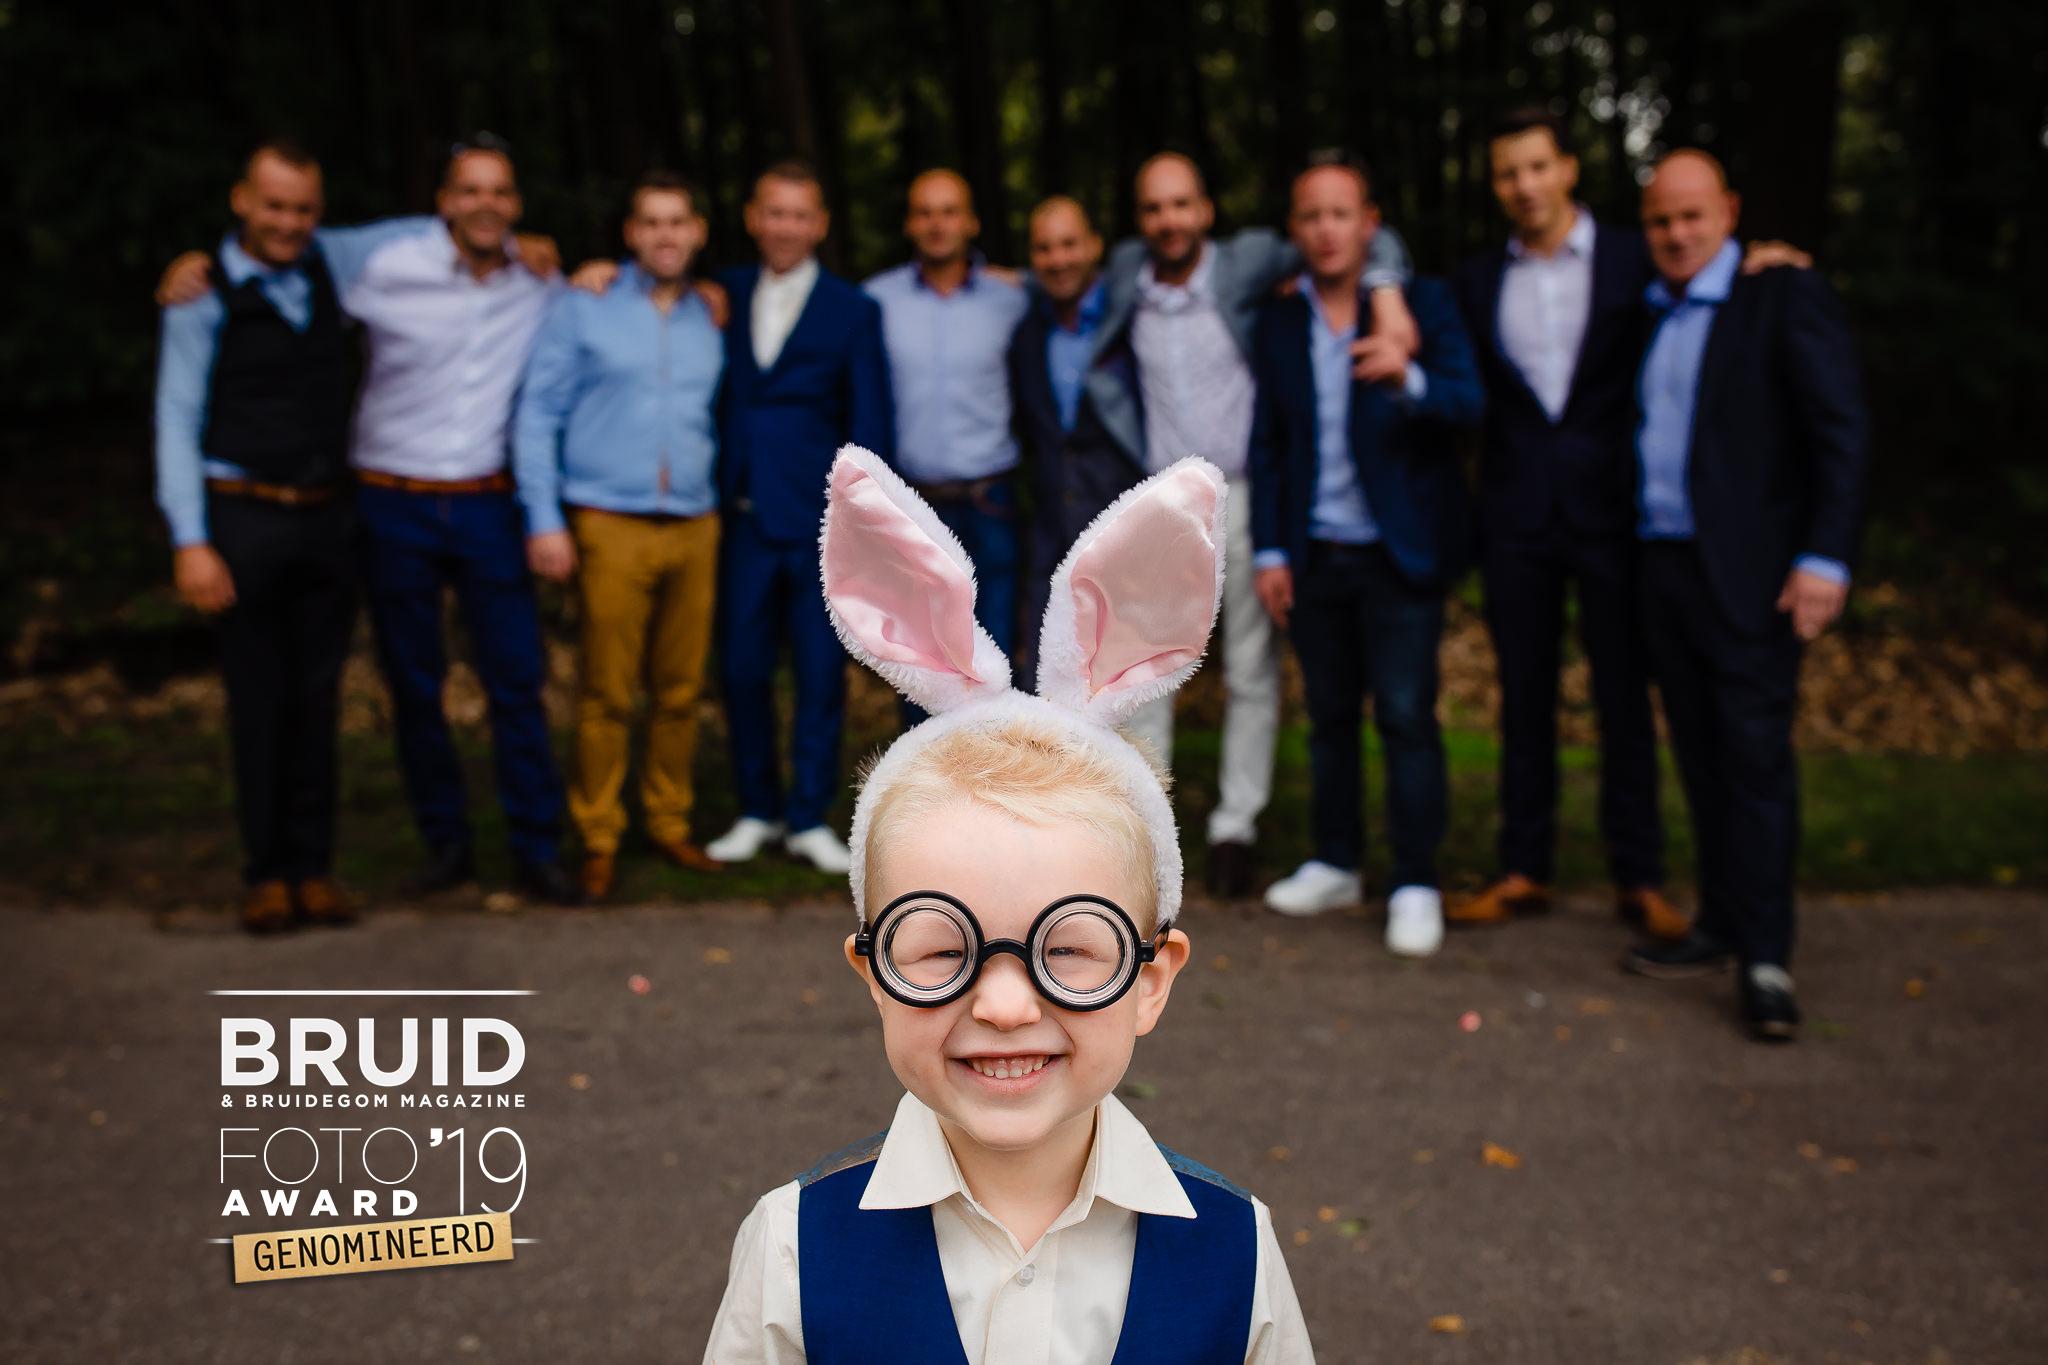 een groeps foto met op de voorgrond een heel schattig klein jongetje, hij draag een bril met soort jampot glazen en op zijn hoofd heeft hij een haarband met konijnen oortjes. een hilarische foto!